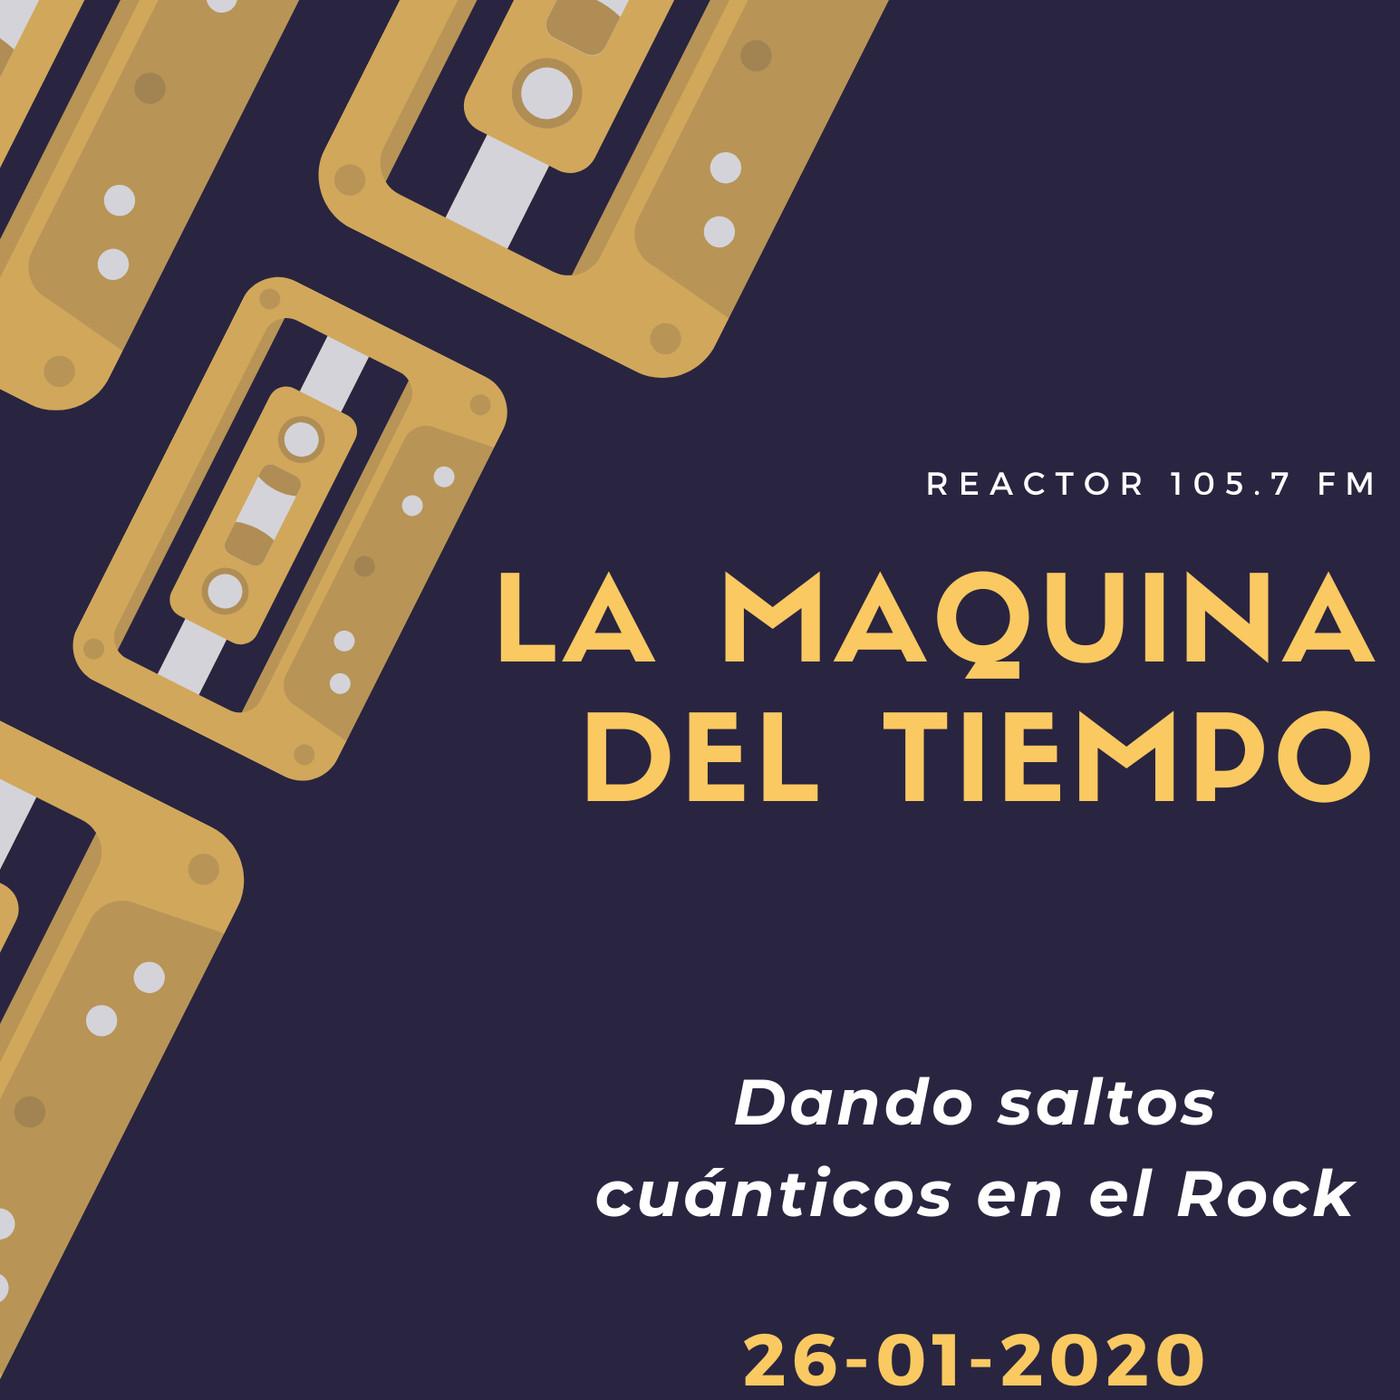 LA MAQUINA DEL TIEMPO 2020